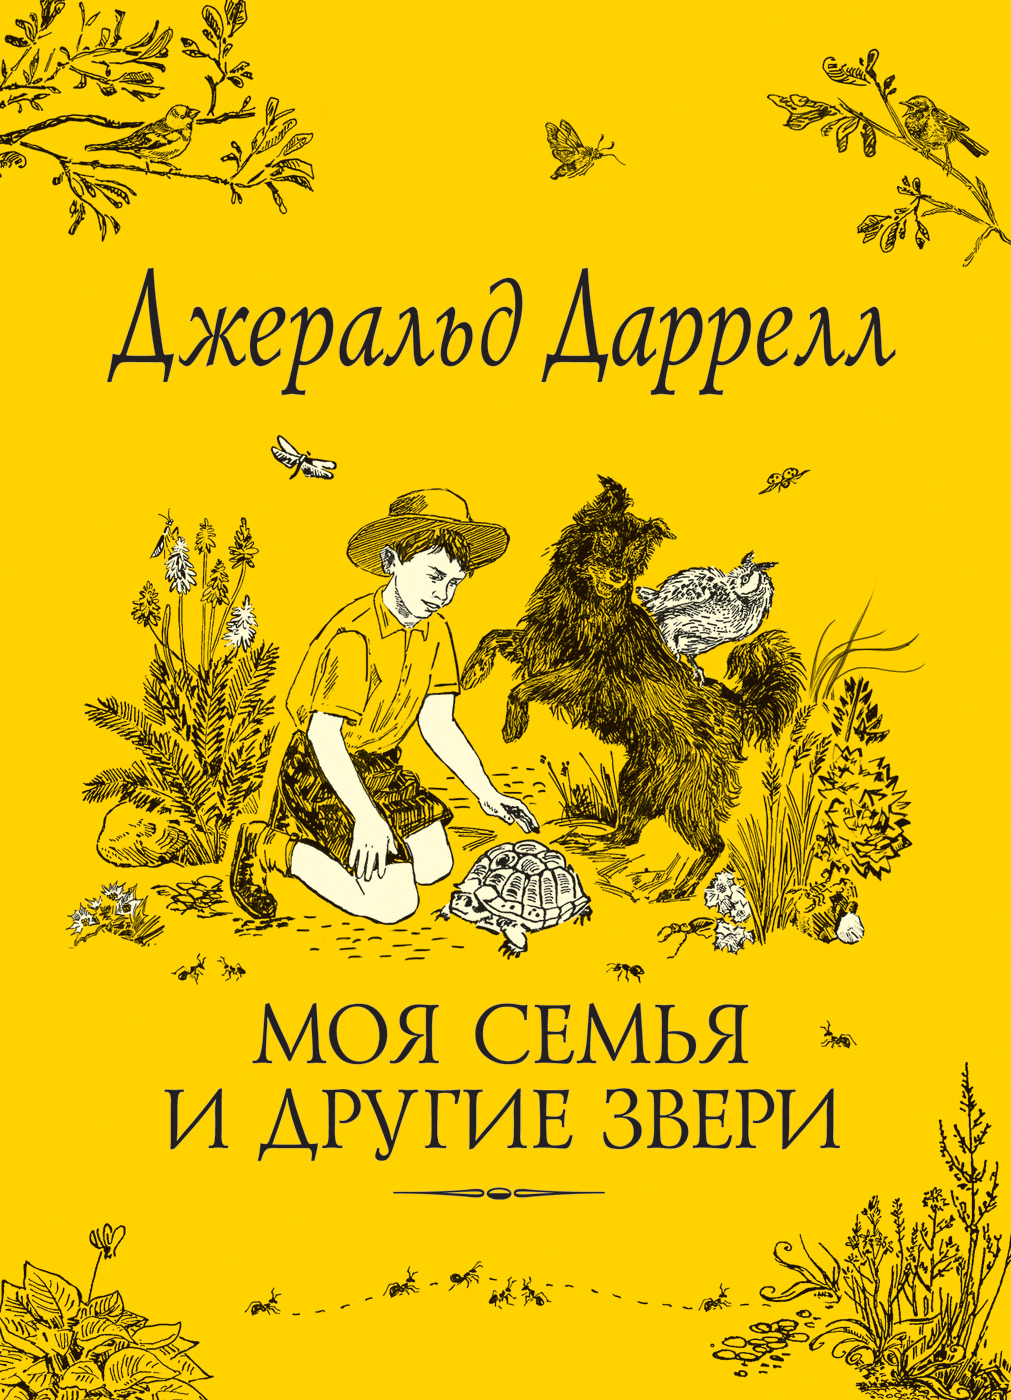 Моя семья и другие звери. Нет в продаже. Бумажная книга. Моя семья и другие звери · д. Даррелл. Автобиографическая повесть